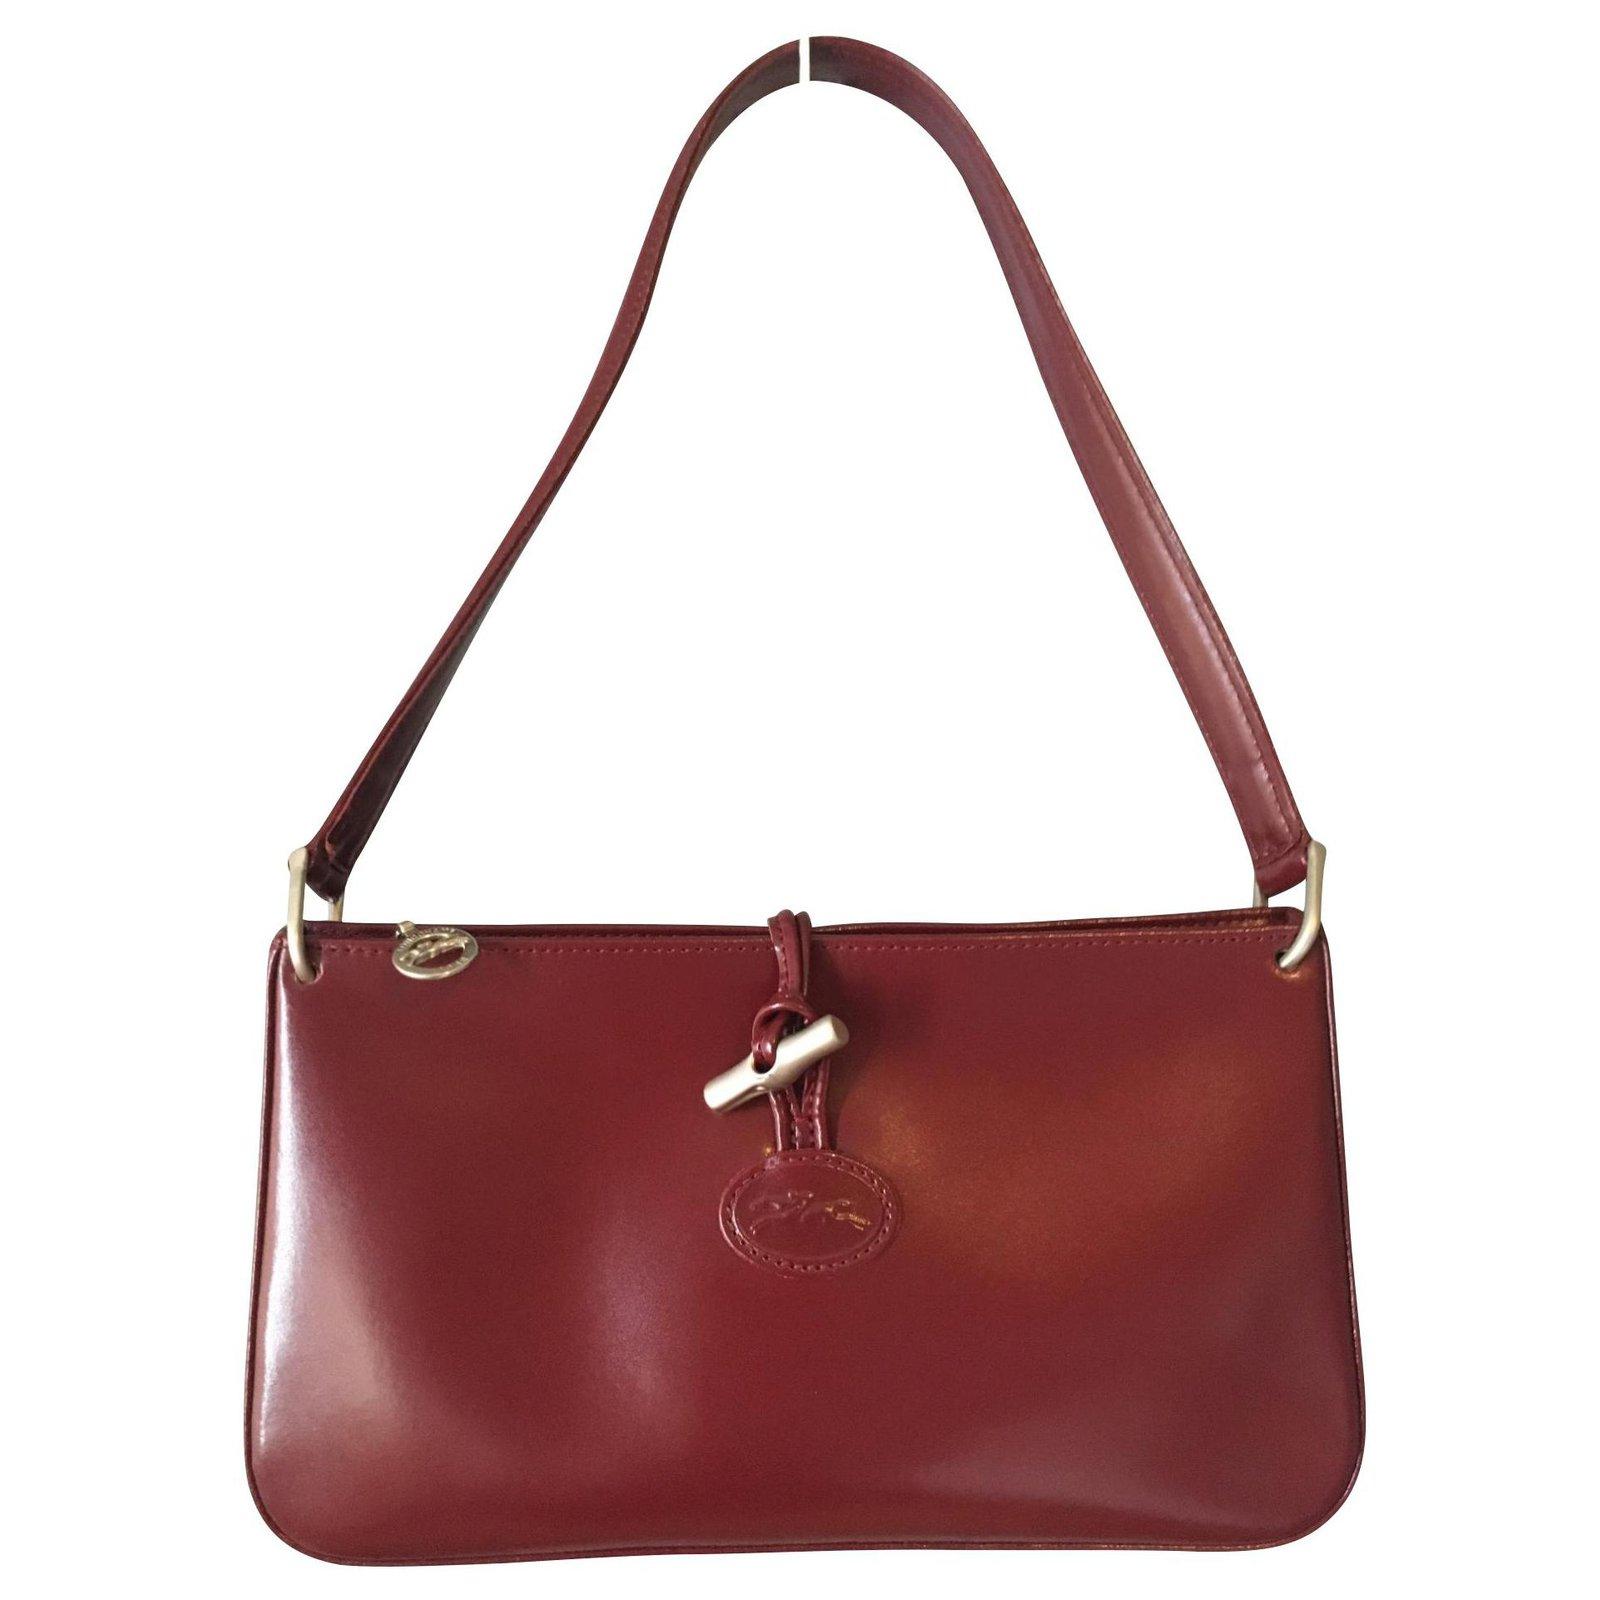 Sac Longchamp vintage, modèle Fuseau, en cuir de vachette dans les tons  fuchsia foncé / bordeaux